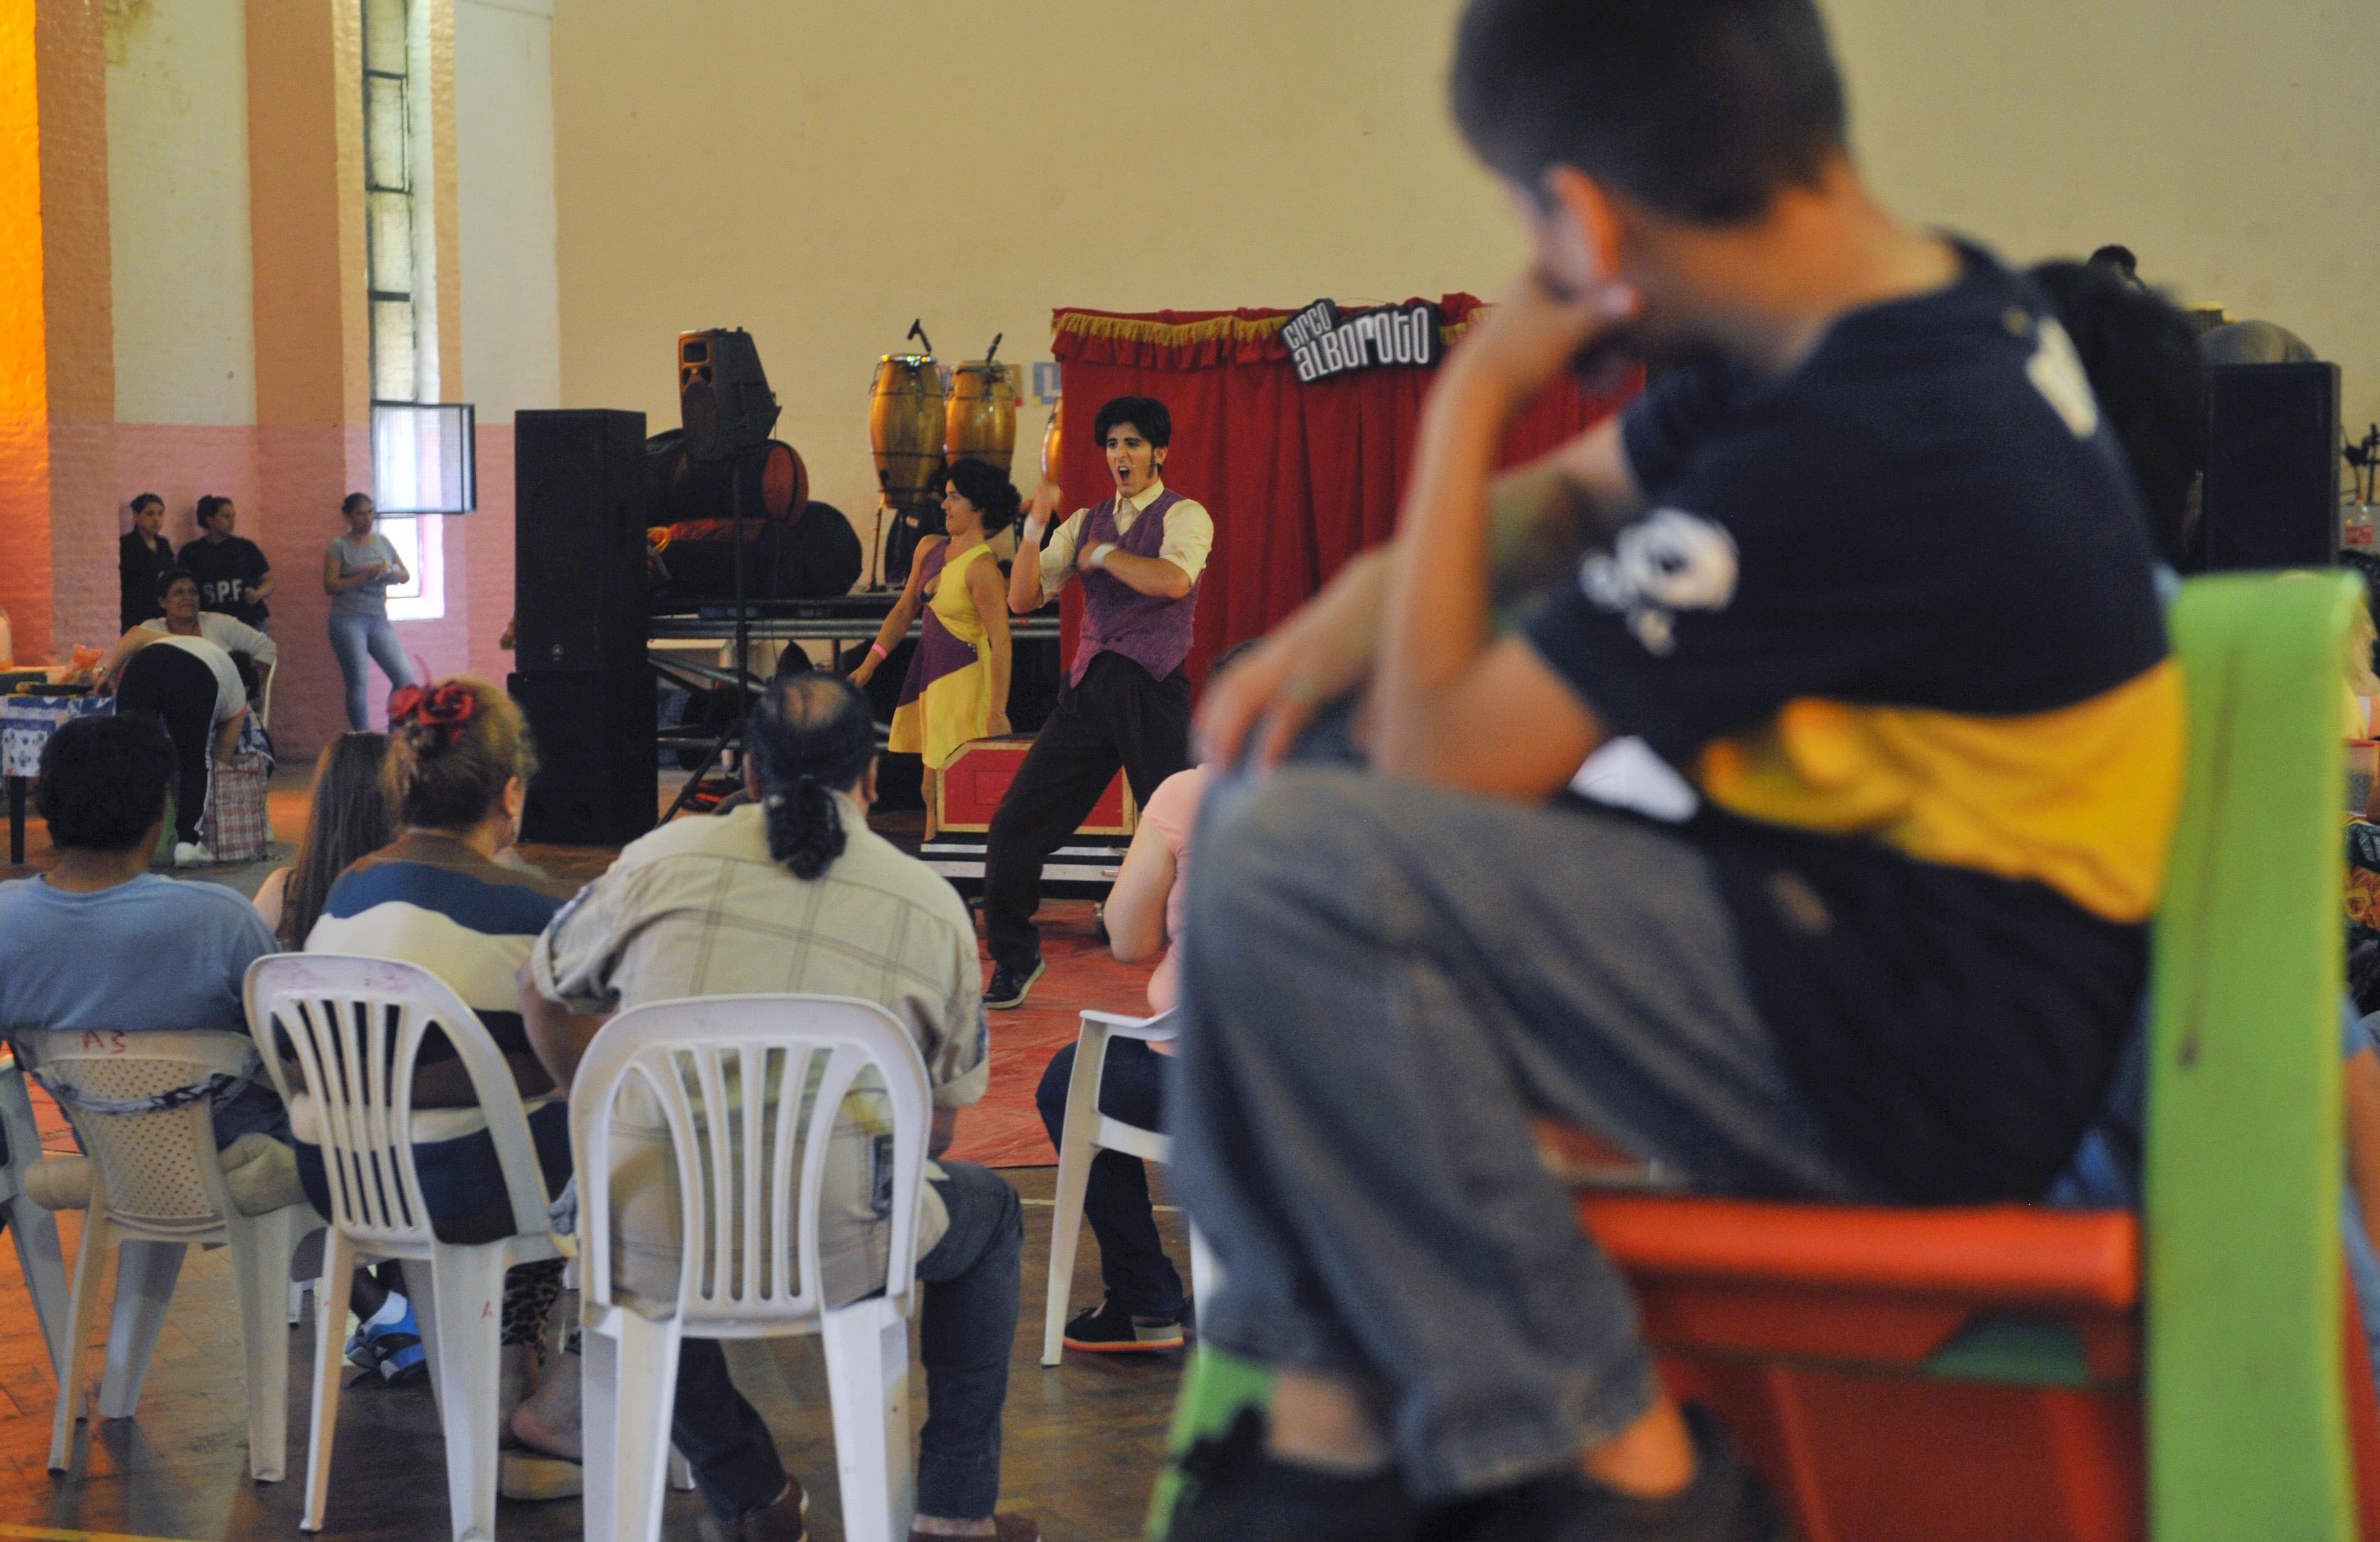 El Ministerio organizó un festival para la familia en la Unidad de mujeres de Ezeiza